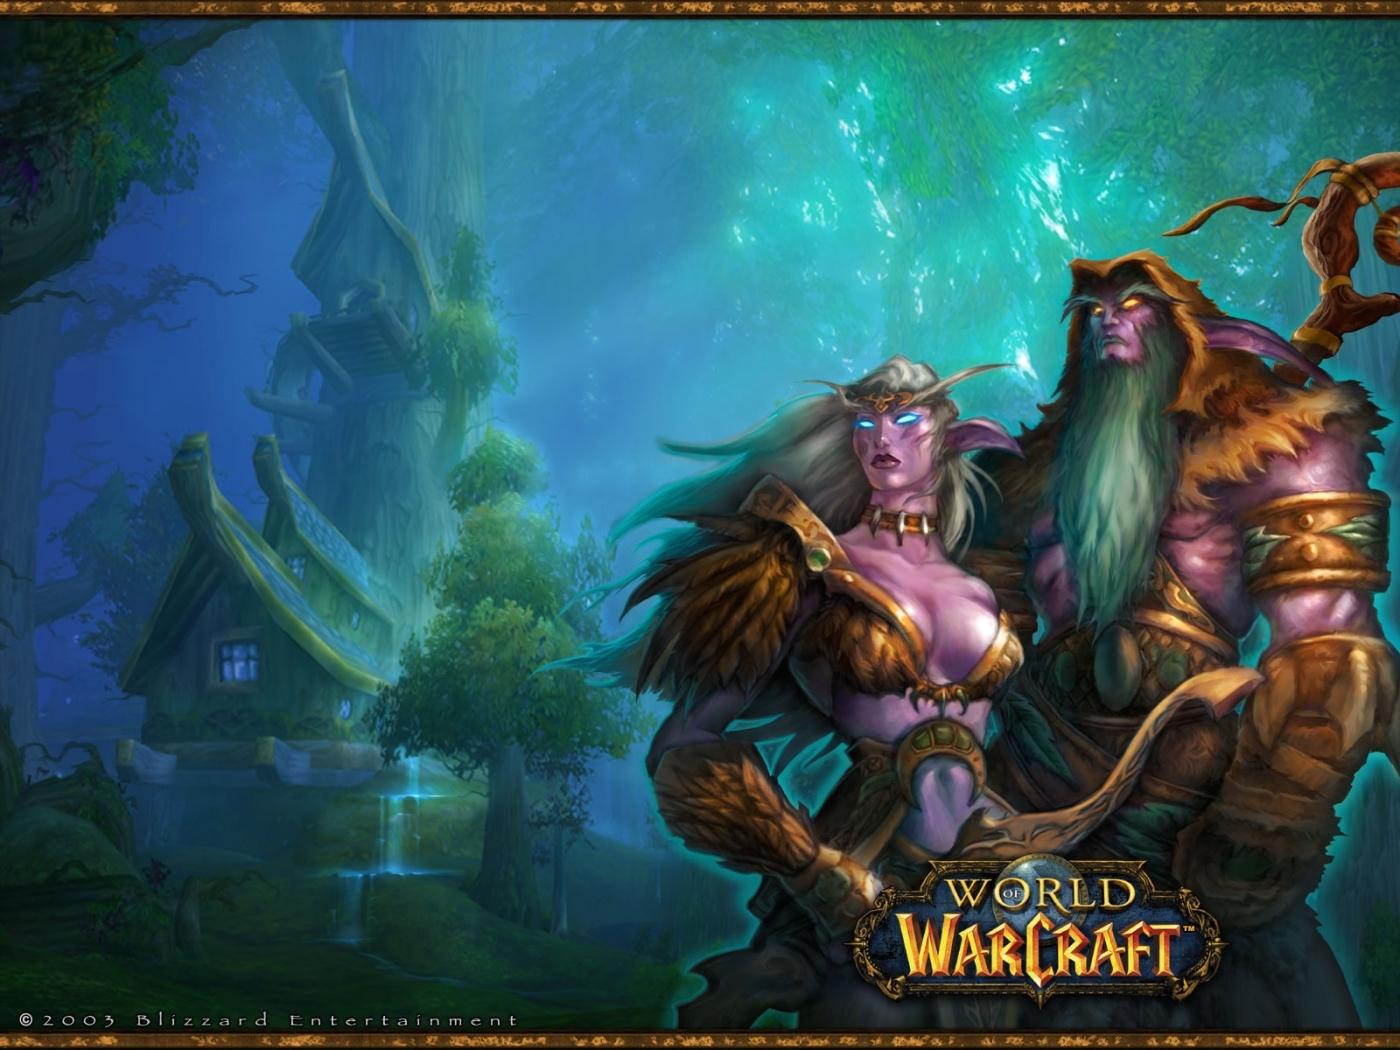 28520 скачать обои Игры, Мир Варкафт (World Of Warcraft, Wow) - заставки и картинки бесплатно